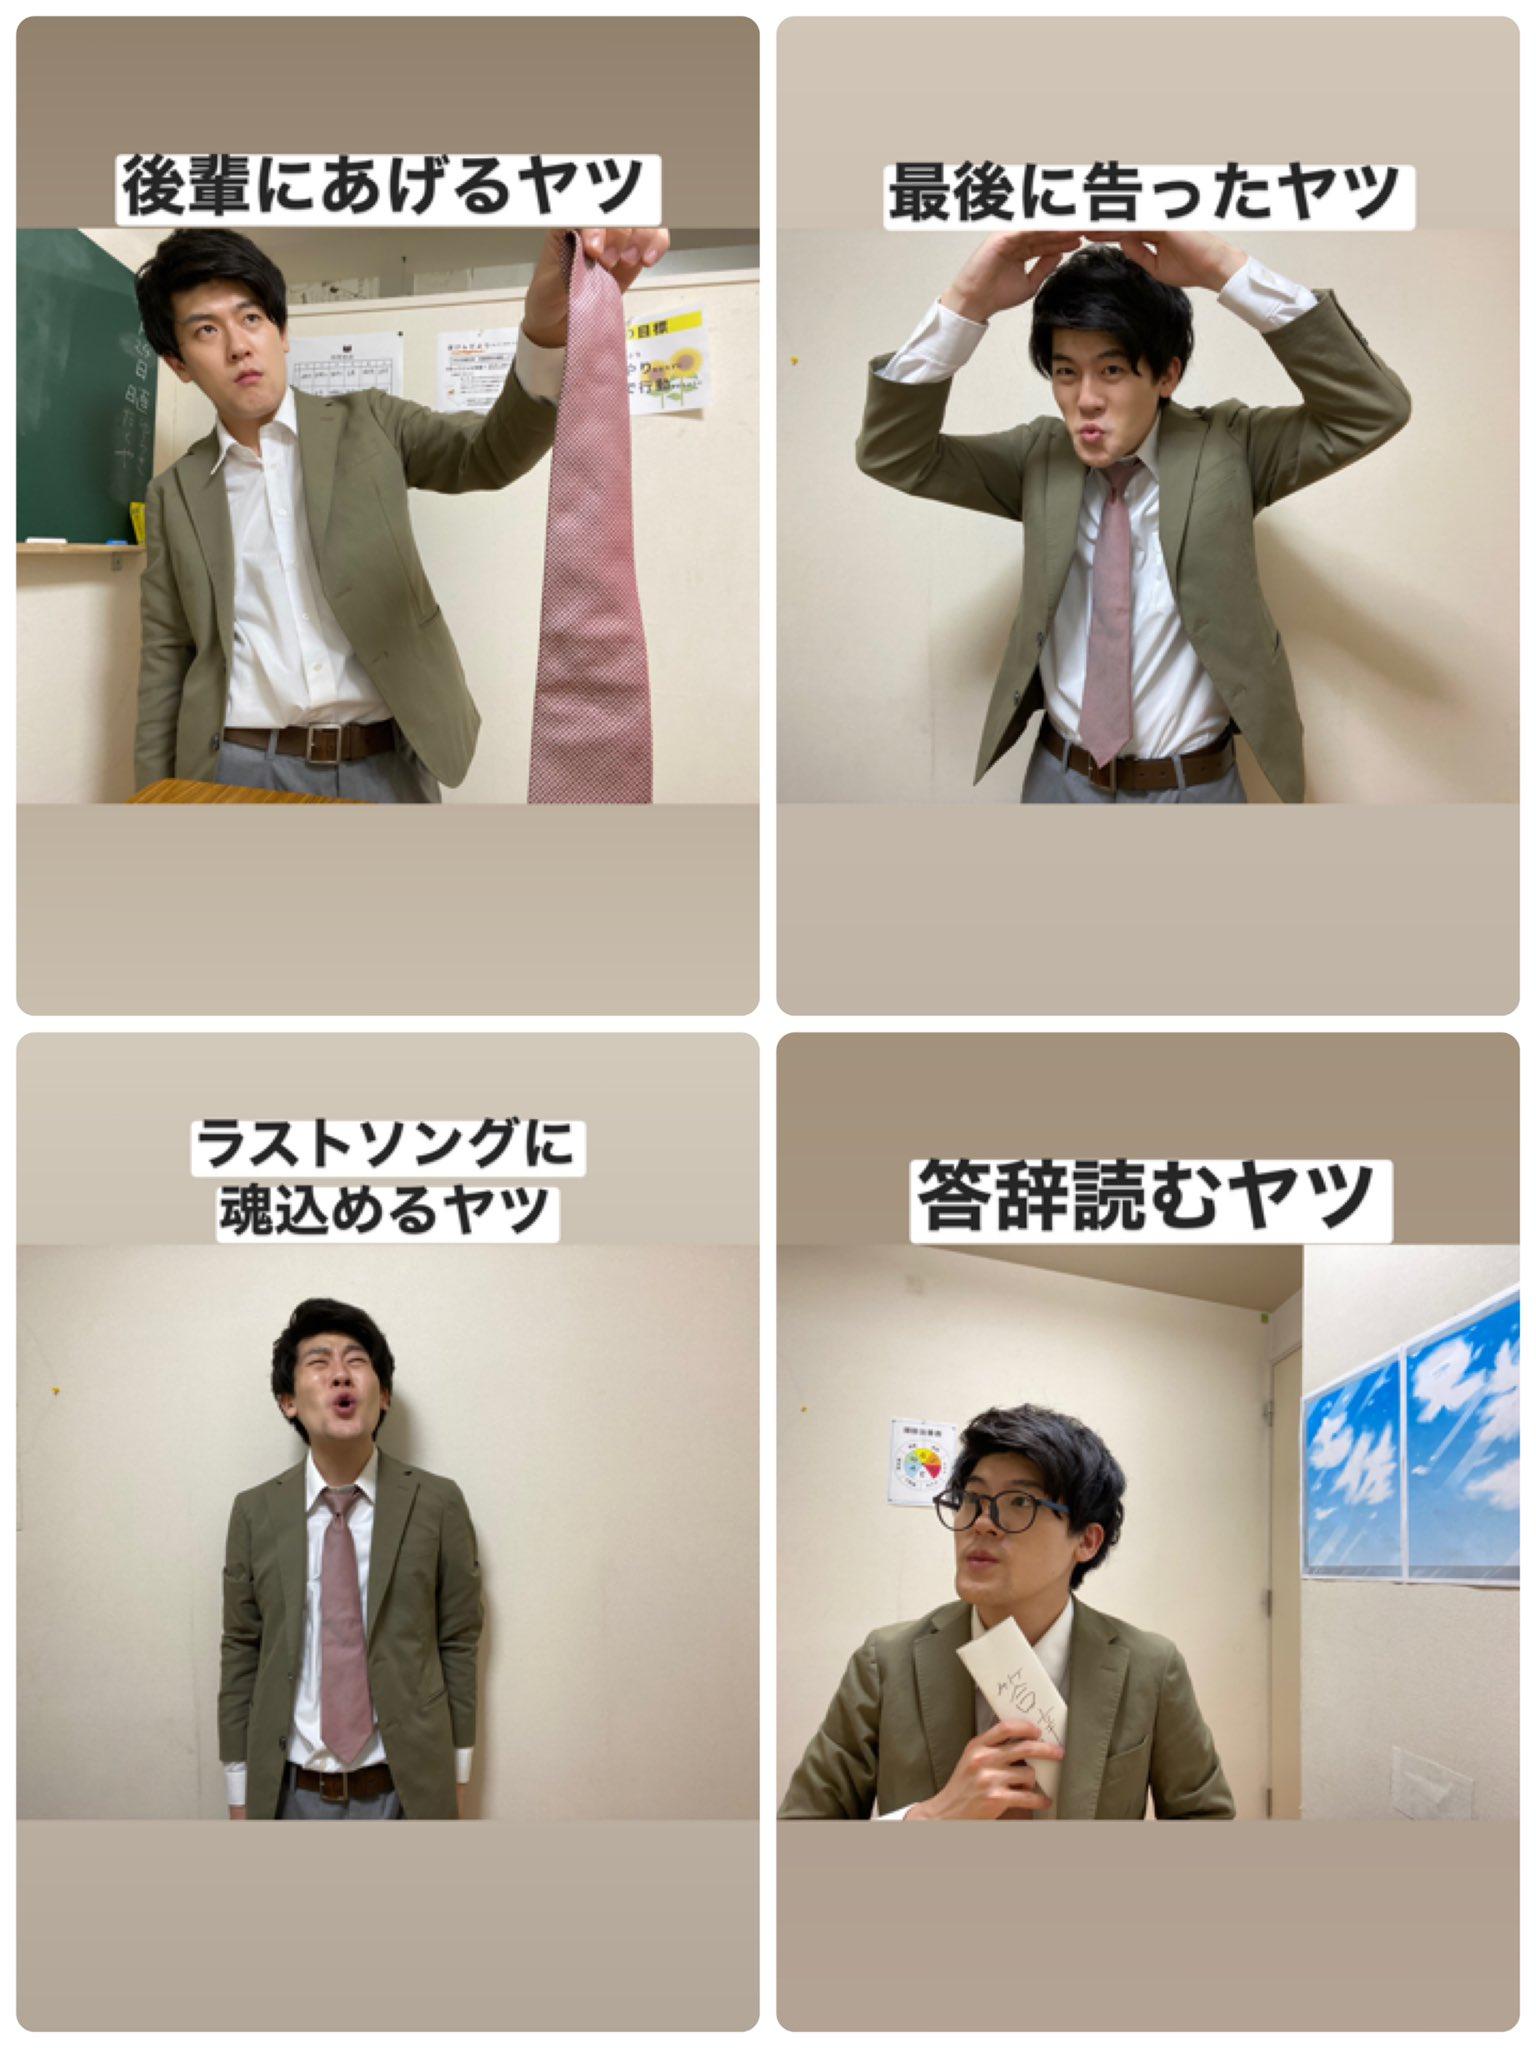 〜卒業式の日に出現する人たち〜